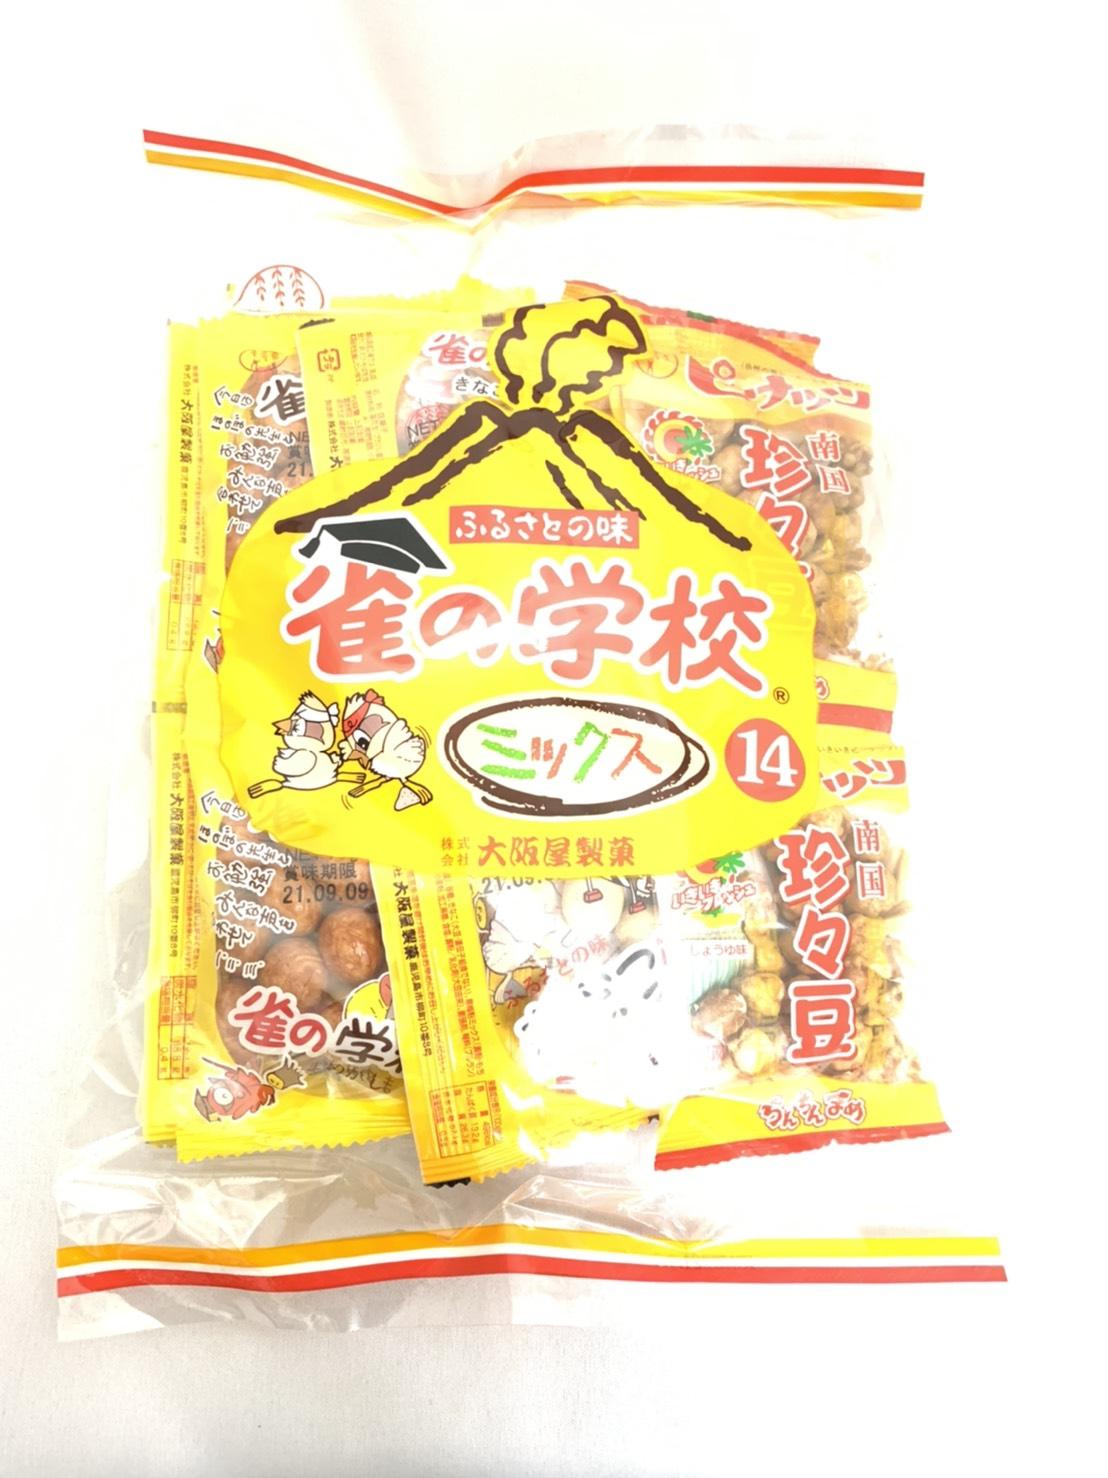 雀の学校・珍々豆(14袋入)